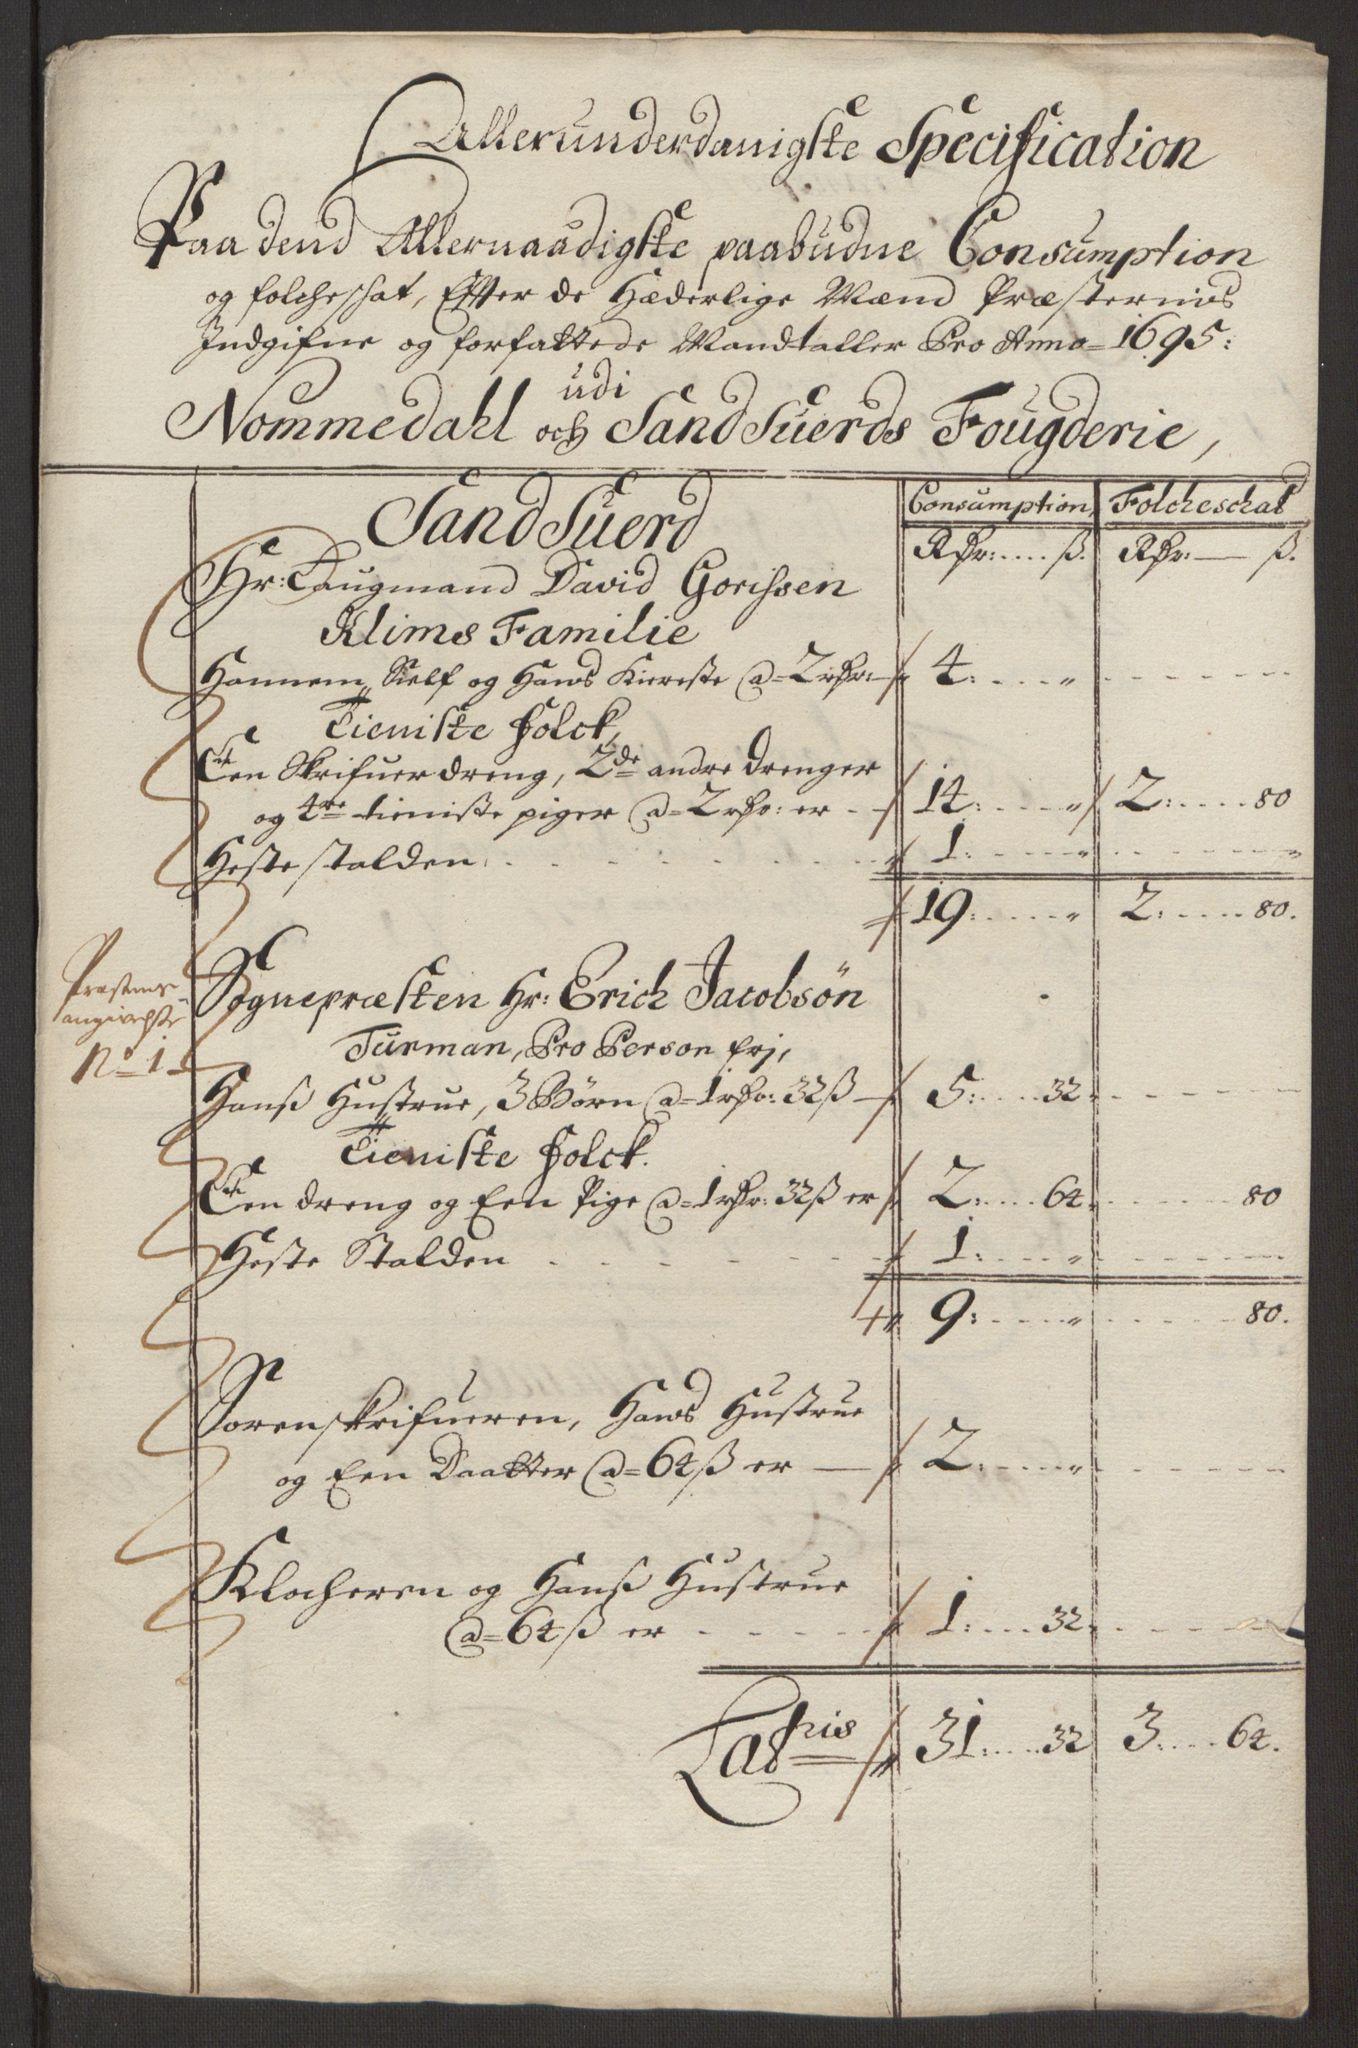 RA, Rentekammeret inntil 1814, Reviderte regnskaper, Fogderegnskap, R24/L1575: Fogderegnskap Numedal og Sandsvær, 1692-1695, s. 406